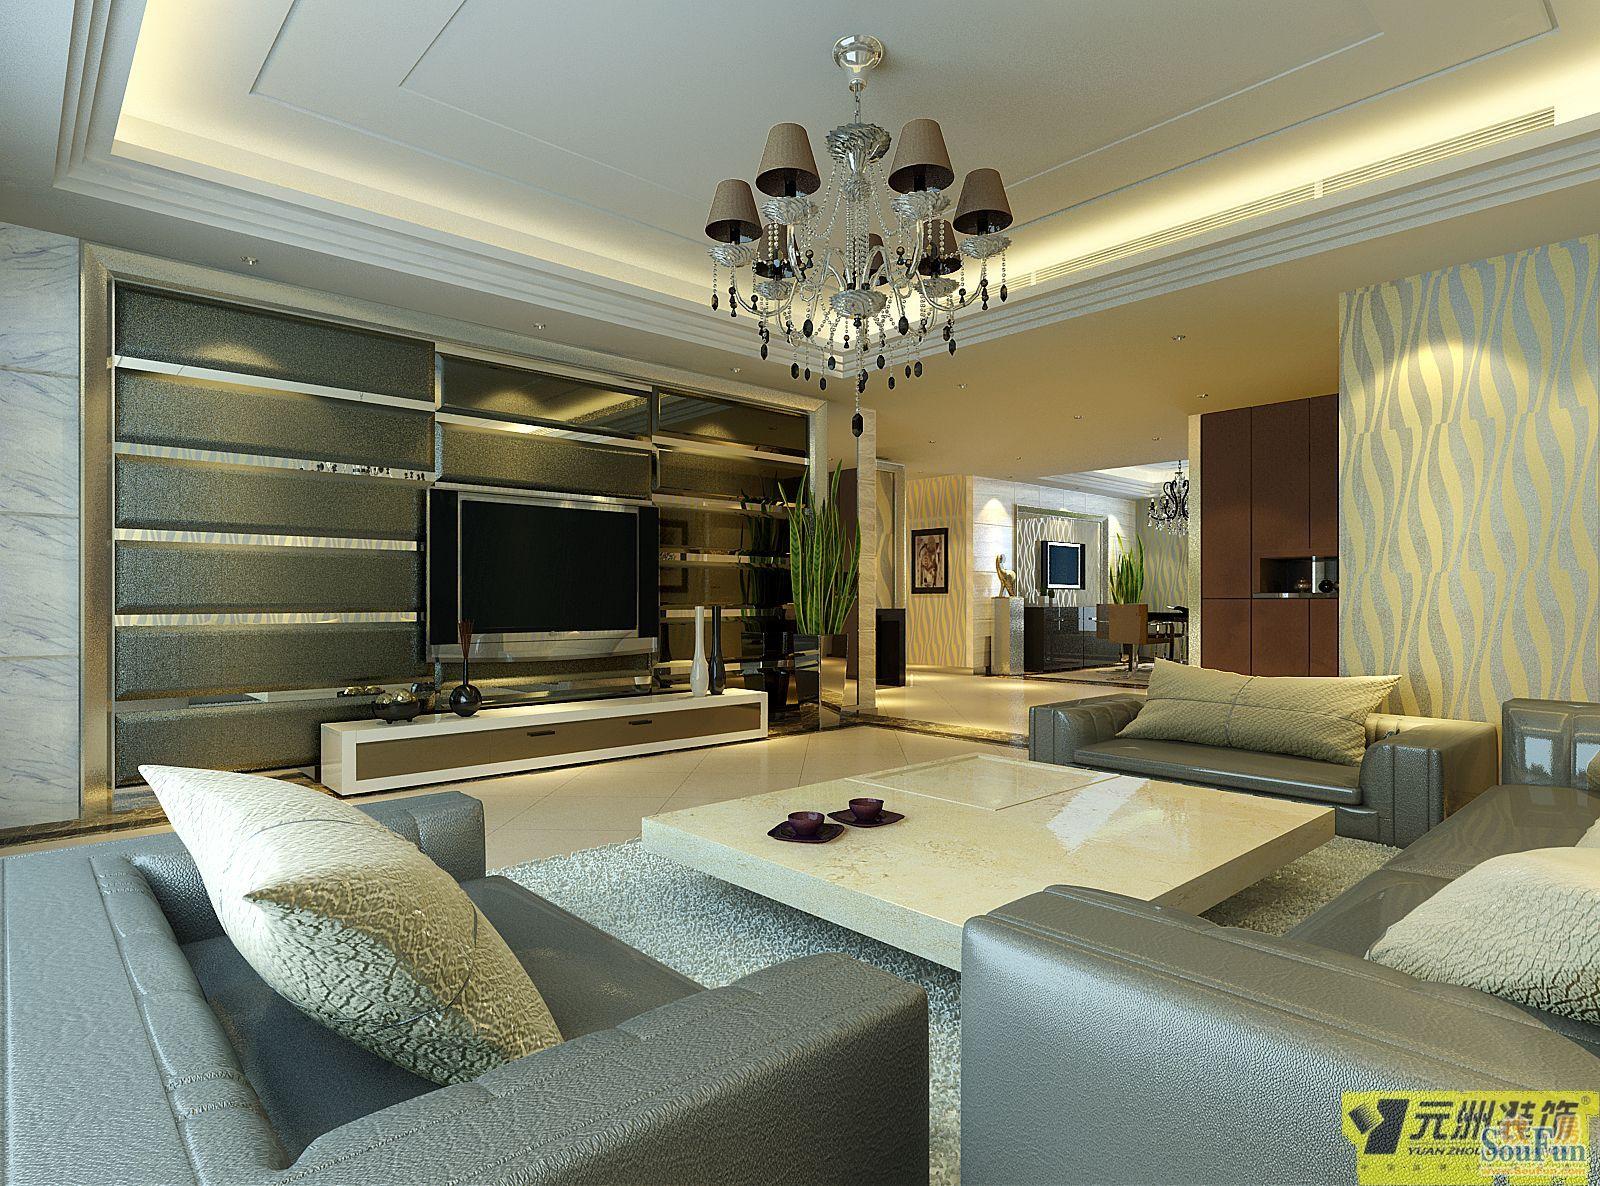 提香草堂-三居室-130㎡-客厅装修效果图   提香草堂-三居室-高清图片